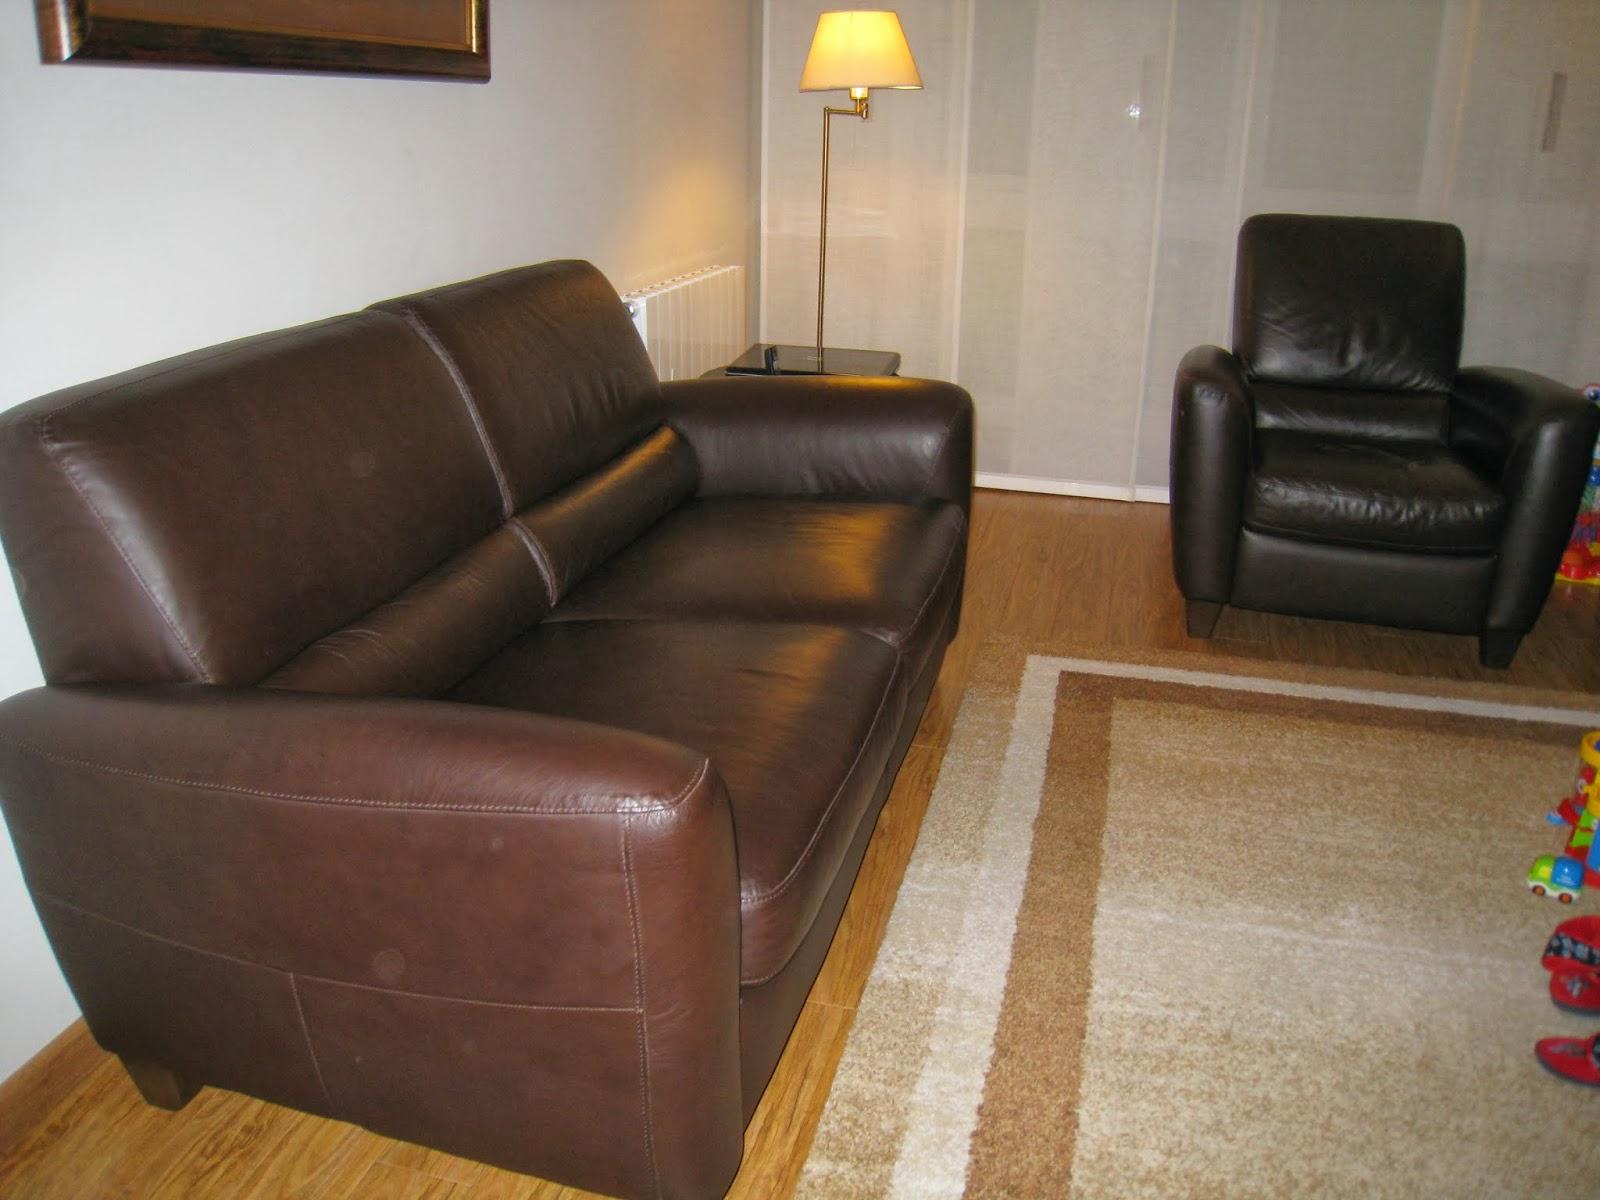 Fundas de sof a la carta cansad de tu sof de piel - Cojines para sofas de piel ...